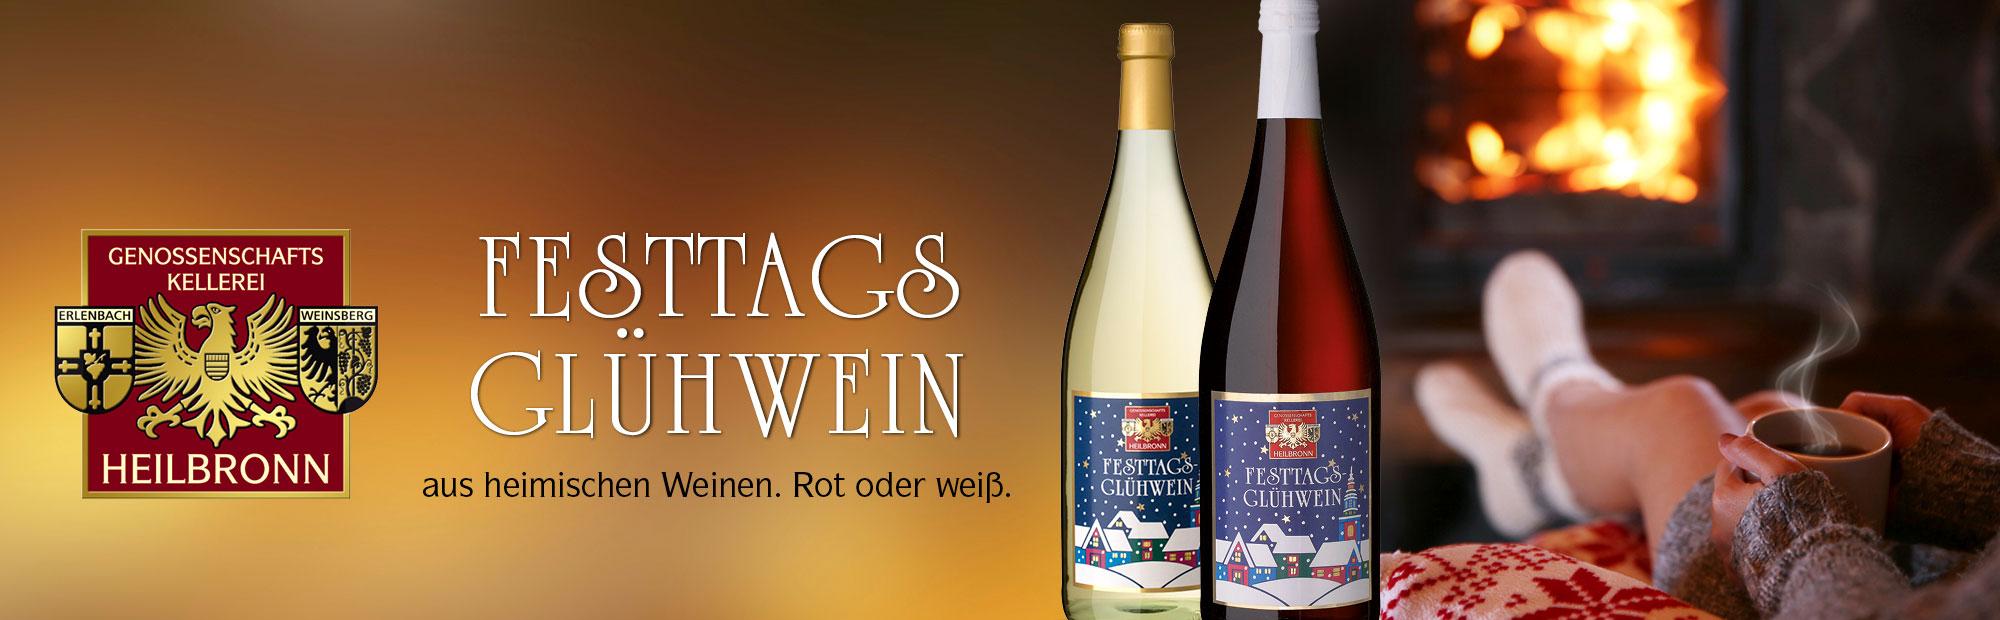 Festtags-Glühweine aus dem Weinschatzkeller Heilbronn